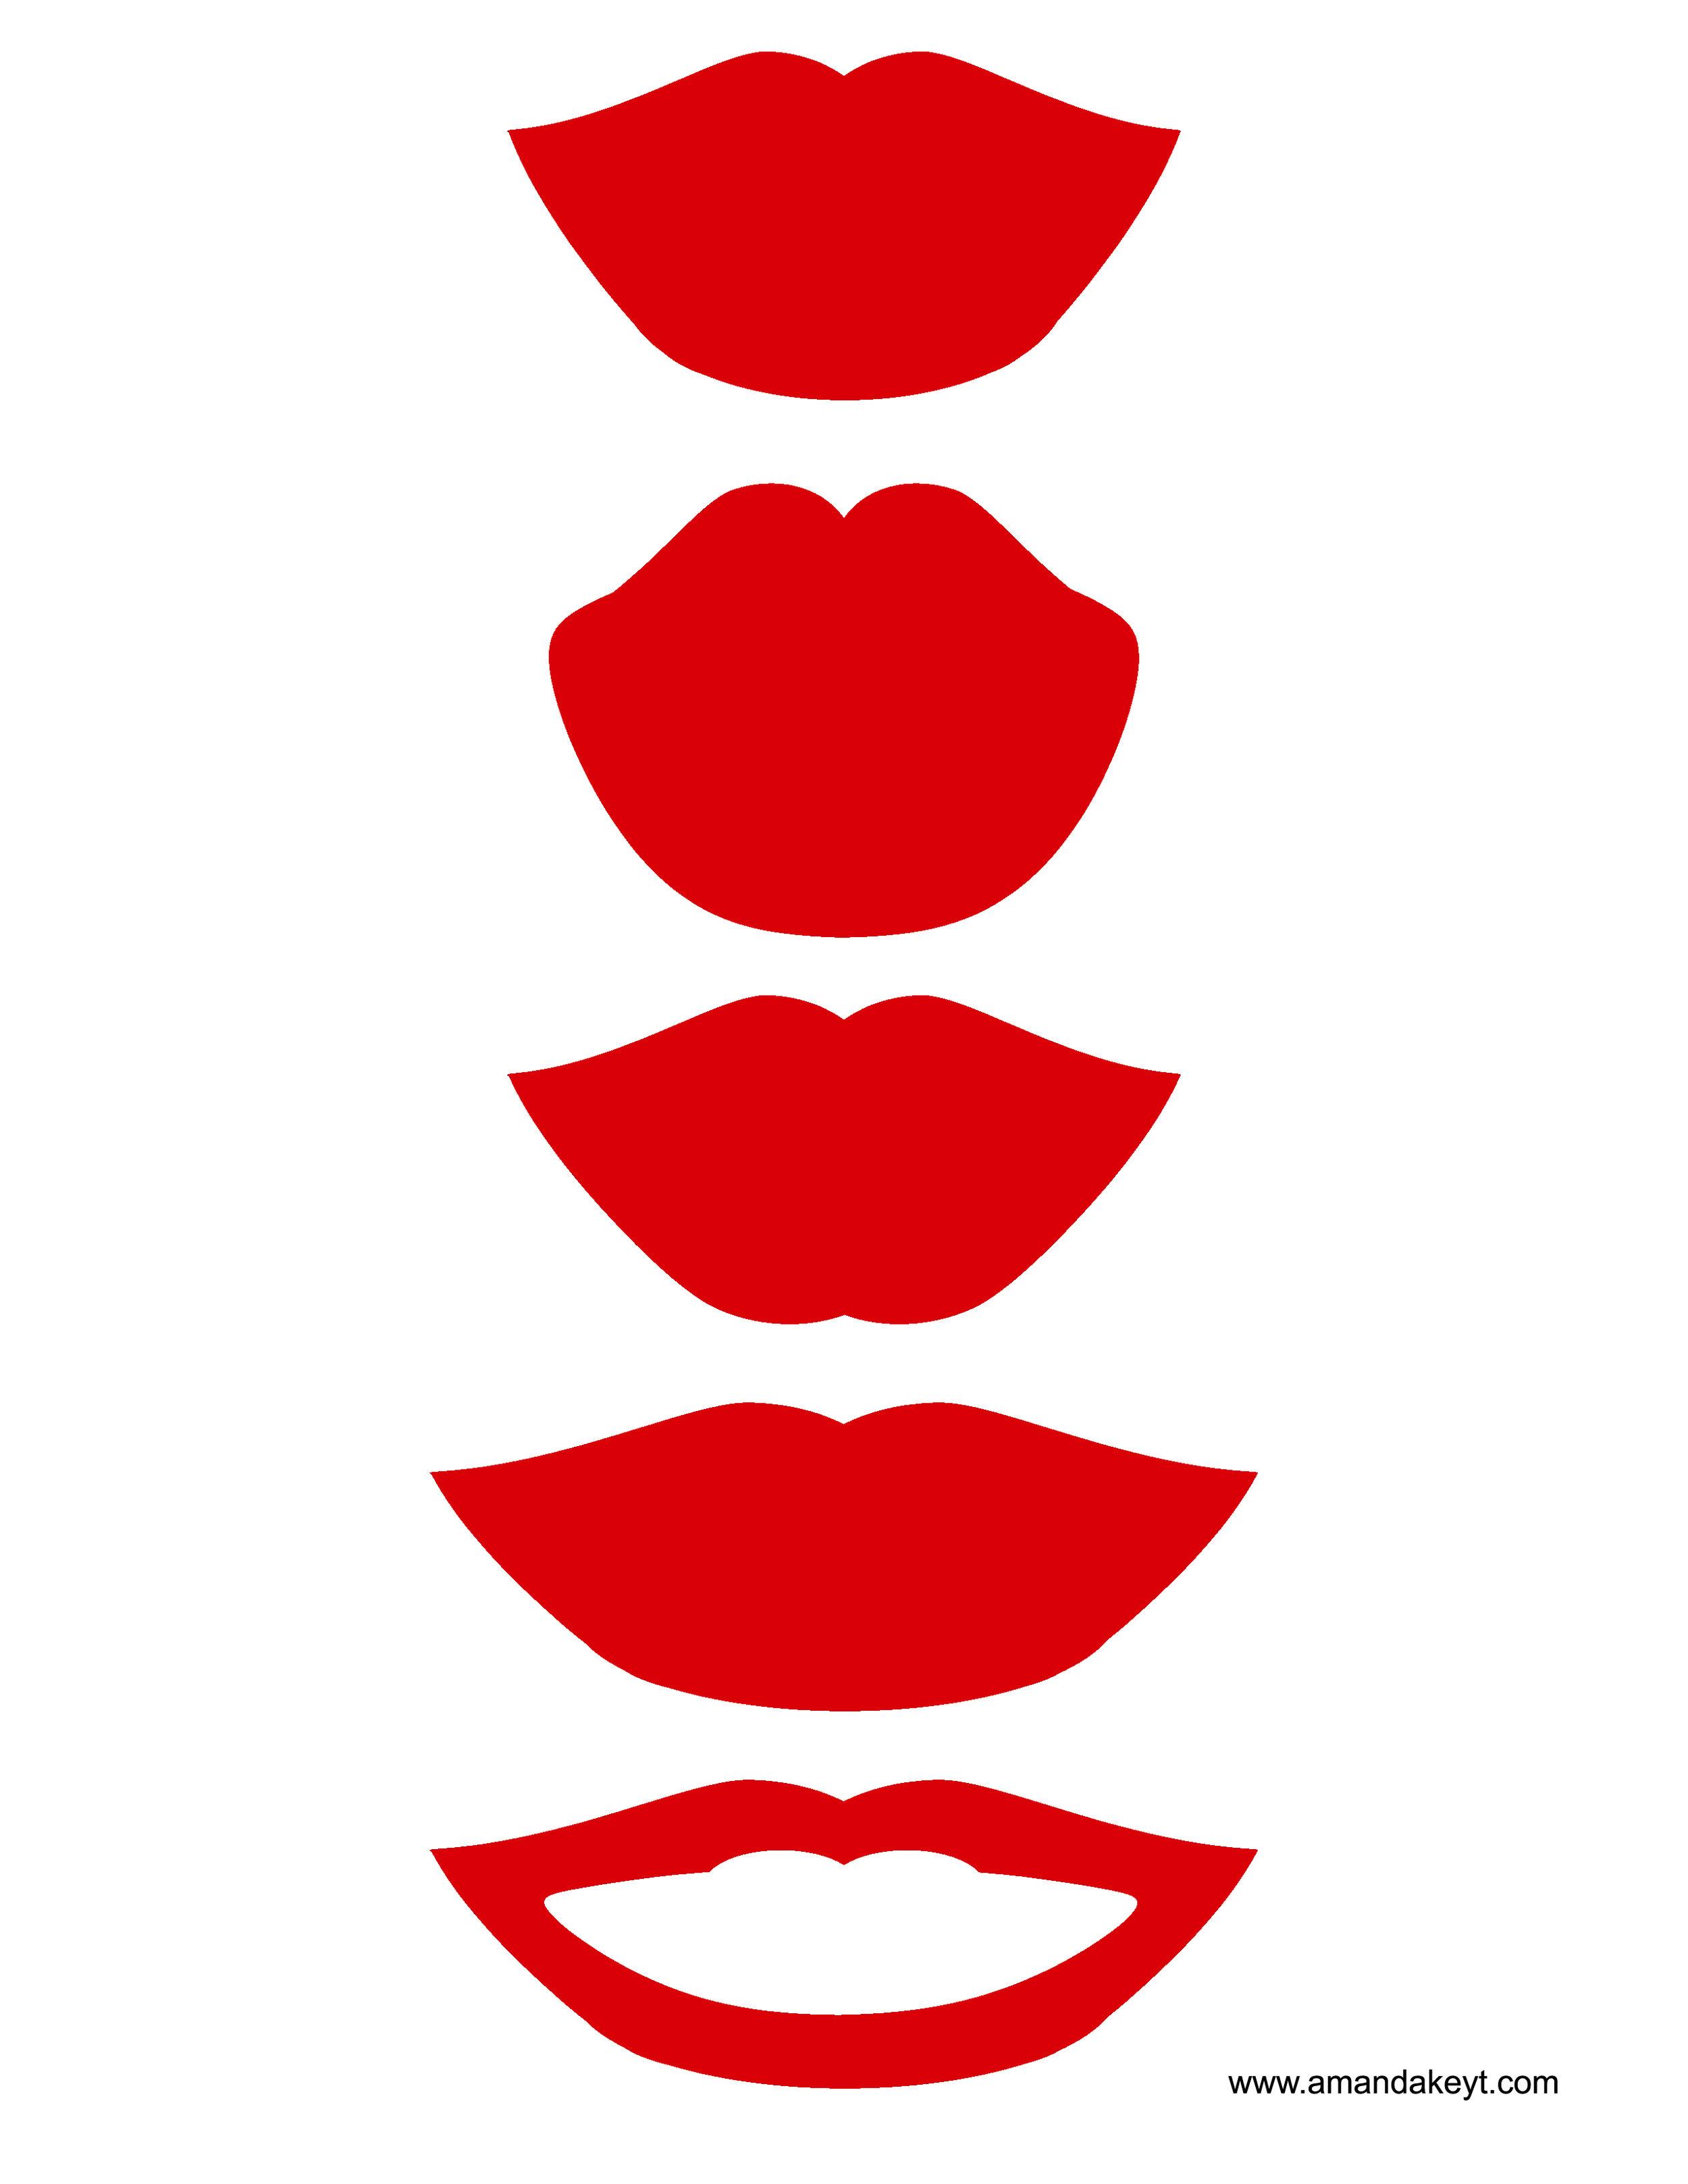 LipsRed.jpg